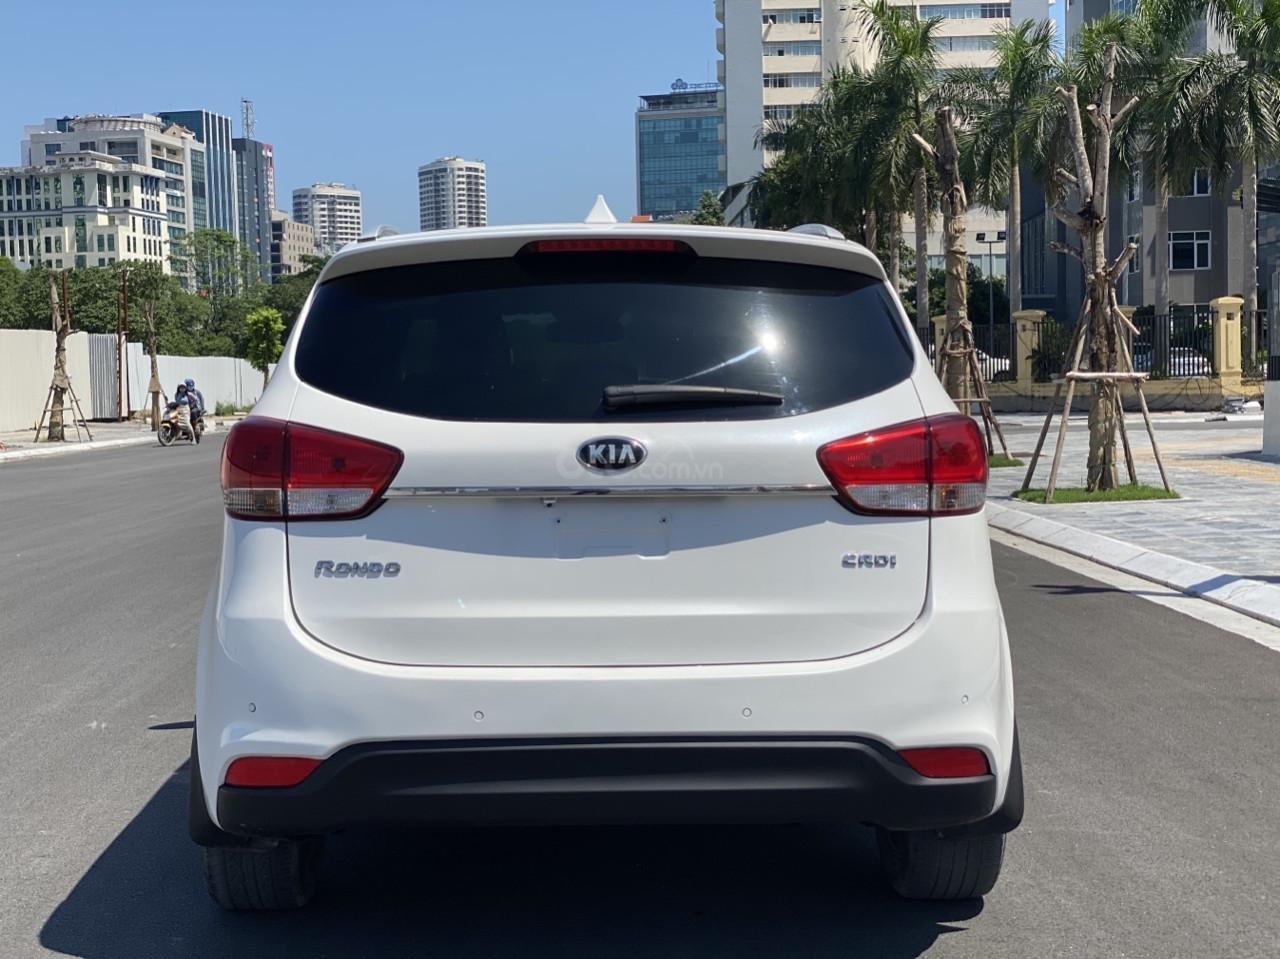 Cần bán xe  Kia Rondo SX 2016, màu trắng, nội thất đen, máy dầu (3)